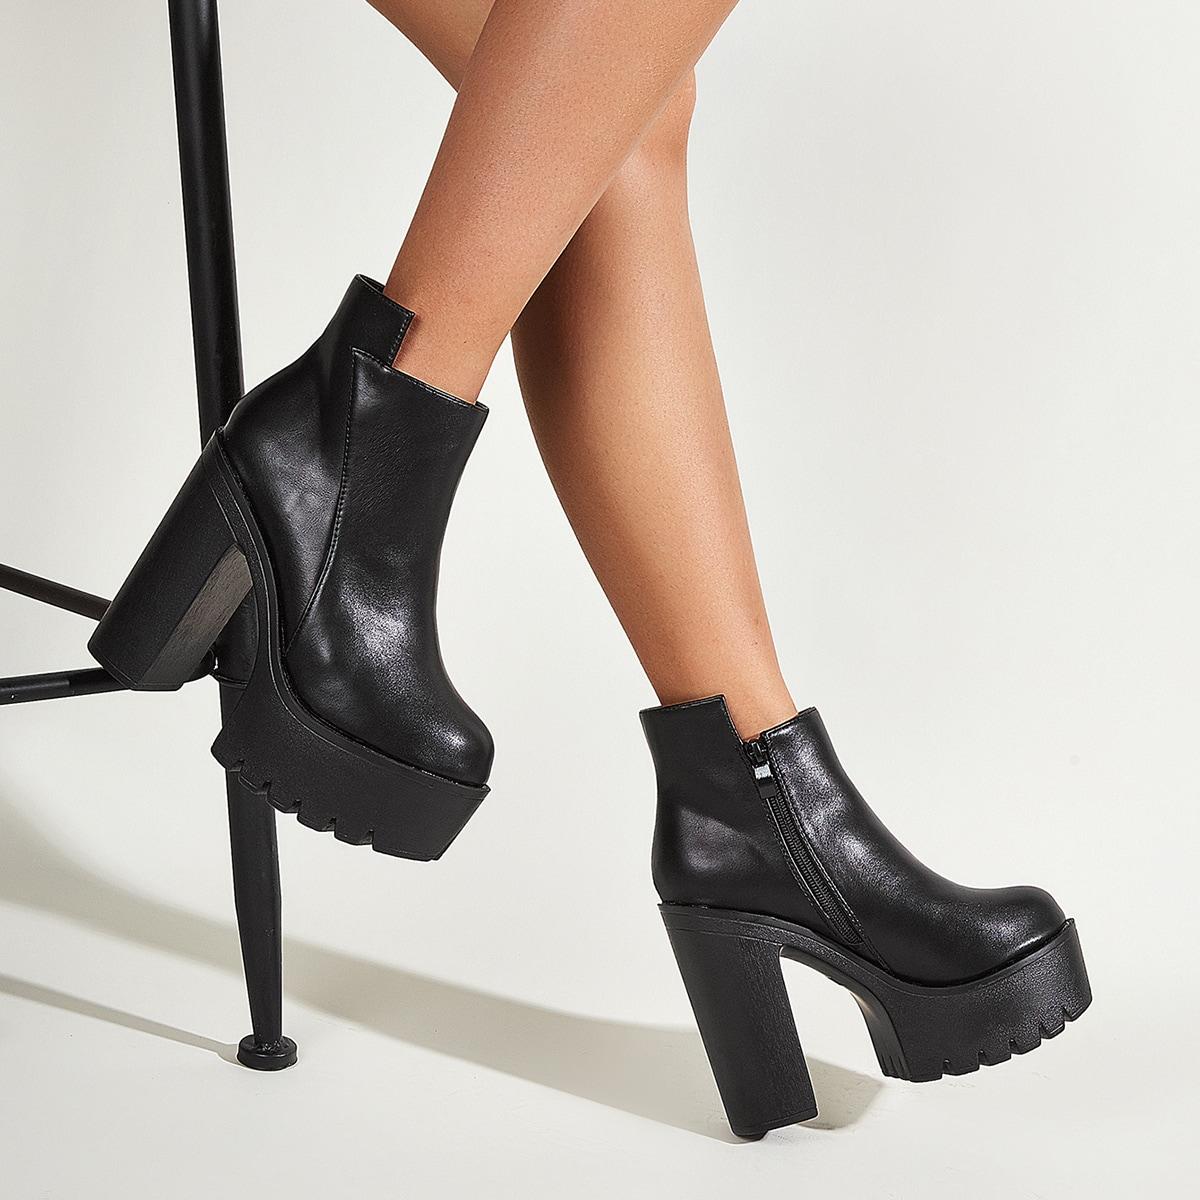 SHEIN / Minimalistische Stiefel mit Reißverschluss und Platform